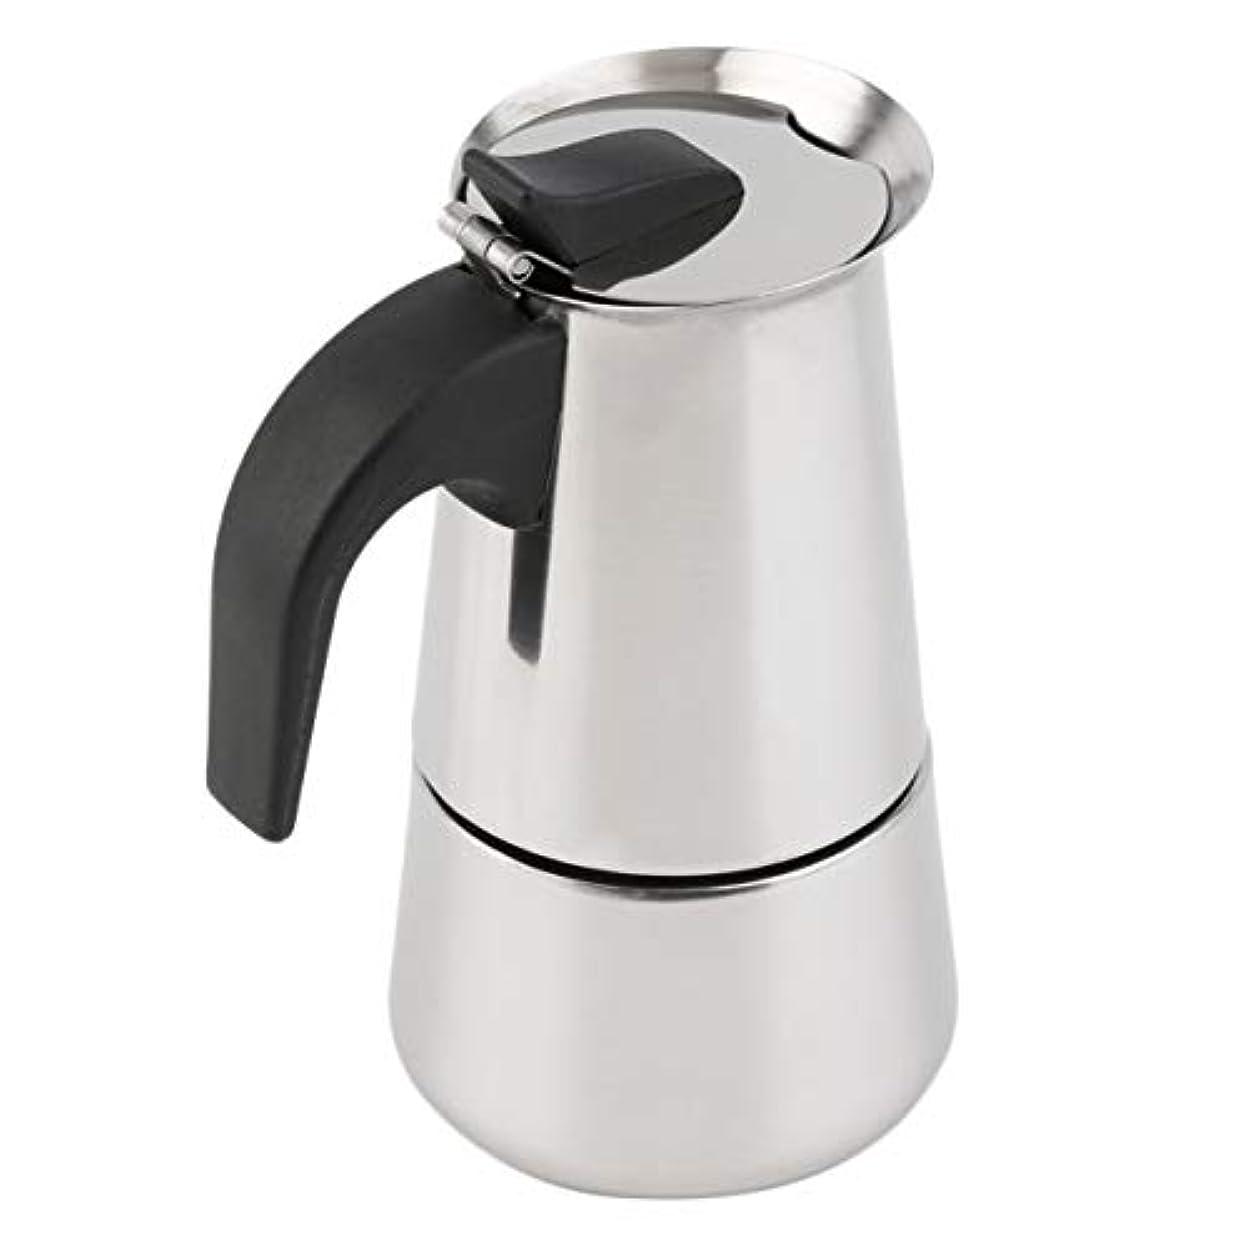 風味解く彼はSaikogoods 2/4/6カップパーコレーターストーブトップのコーヒーメーカーモカエスプレッソラテステンレスポットホット販売 銀 6カップ